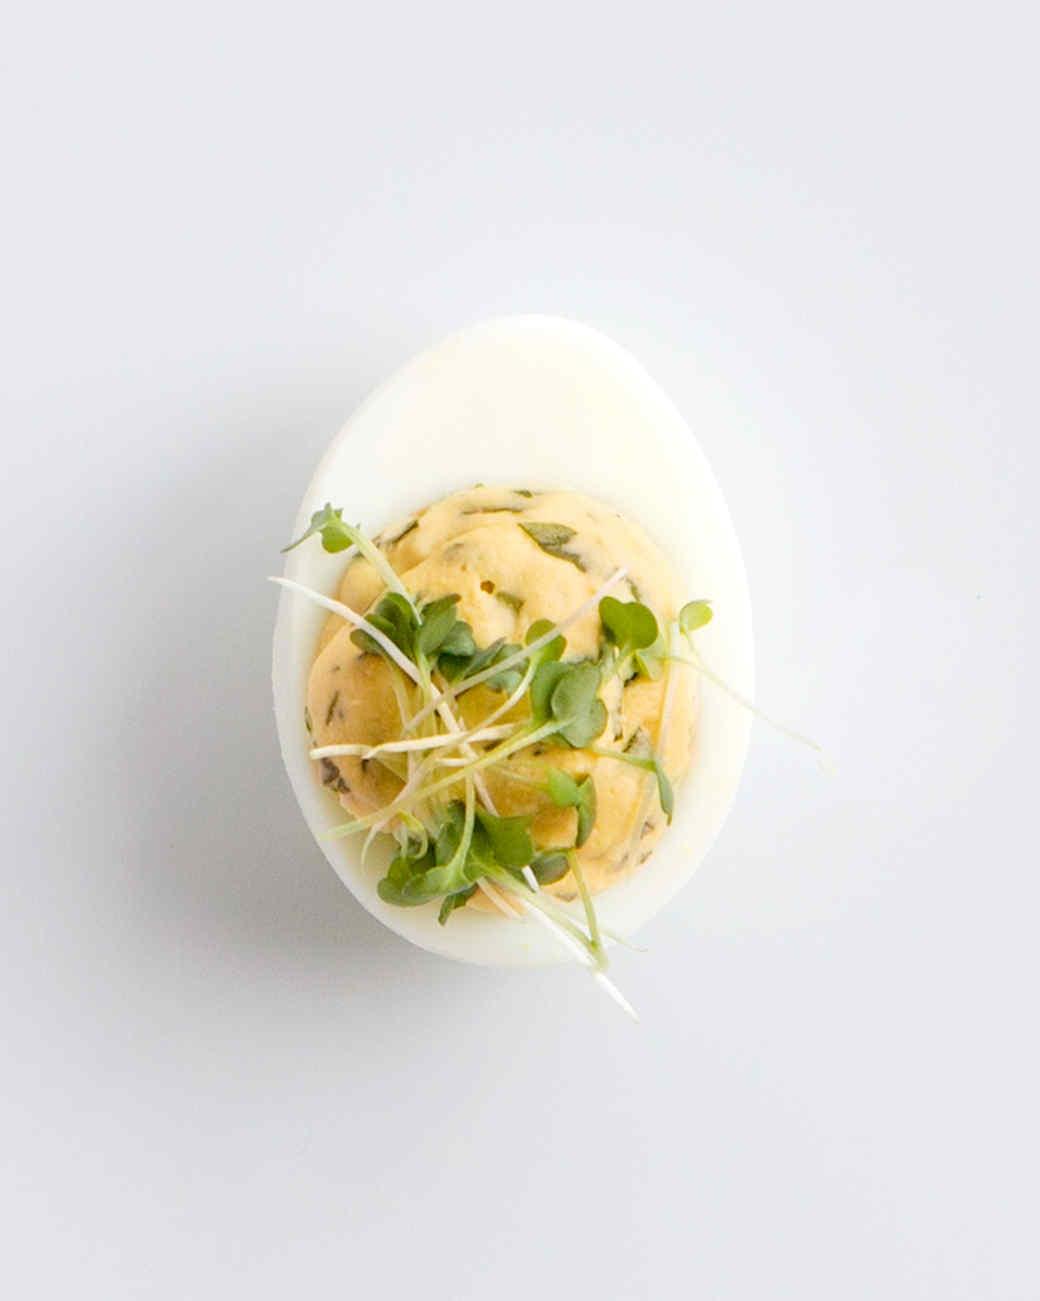 watercress-deviled-eggs-1116-d111028.jpg